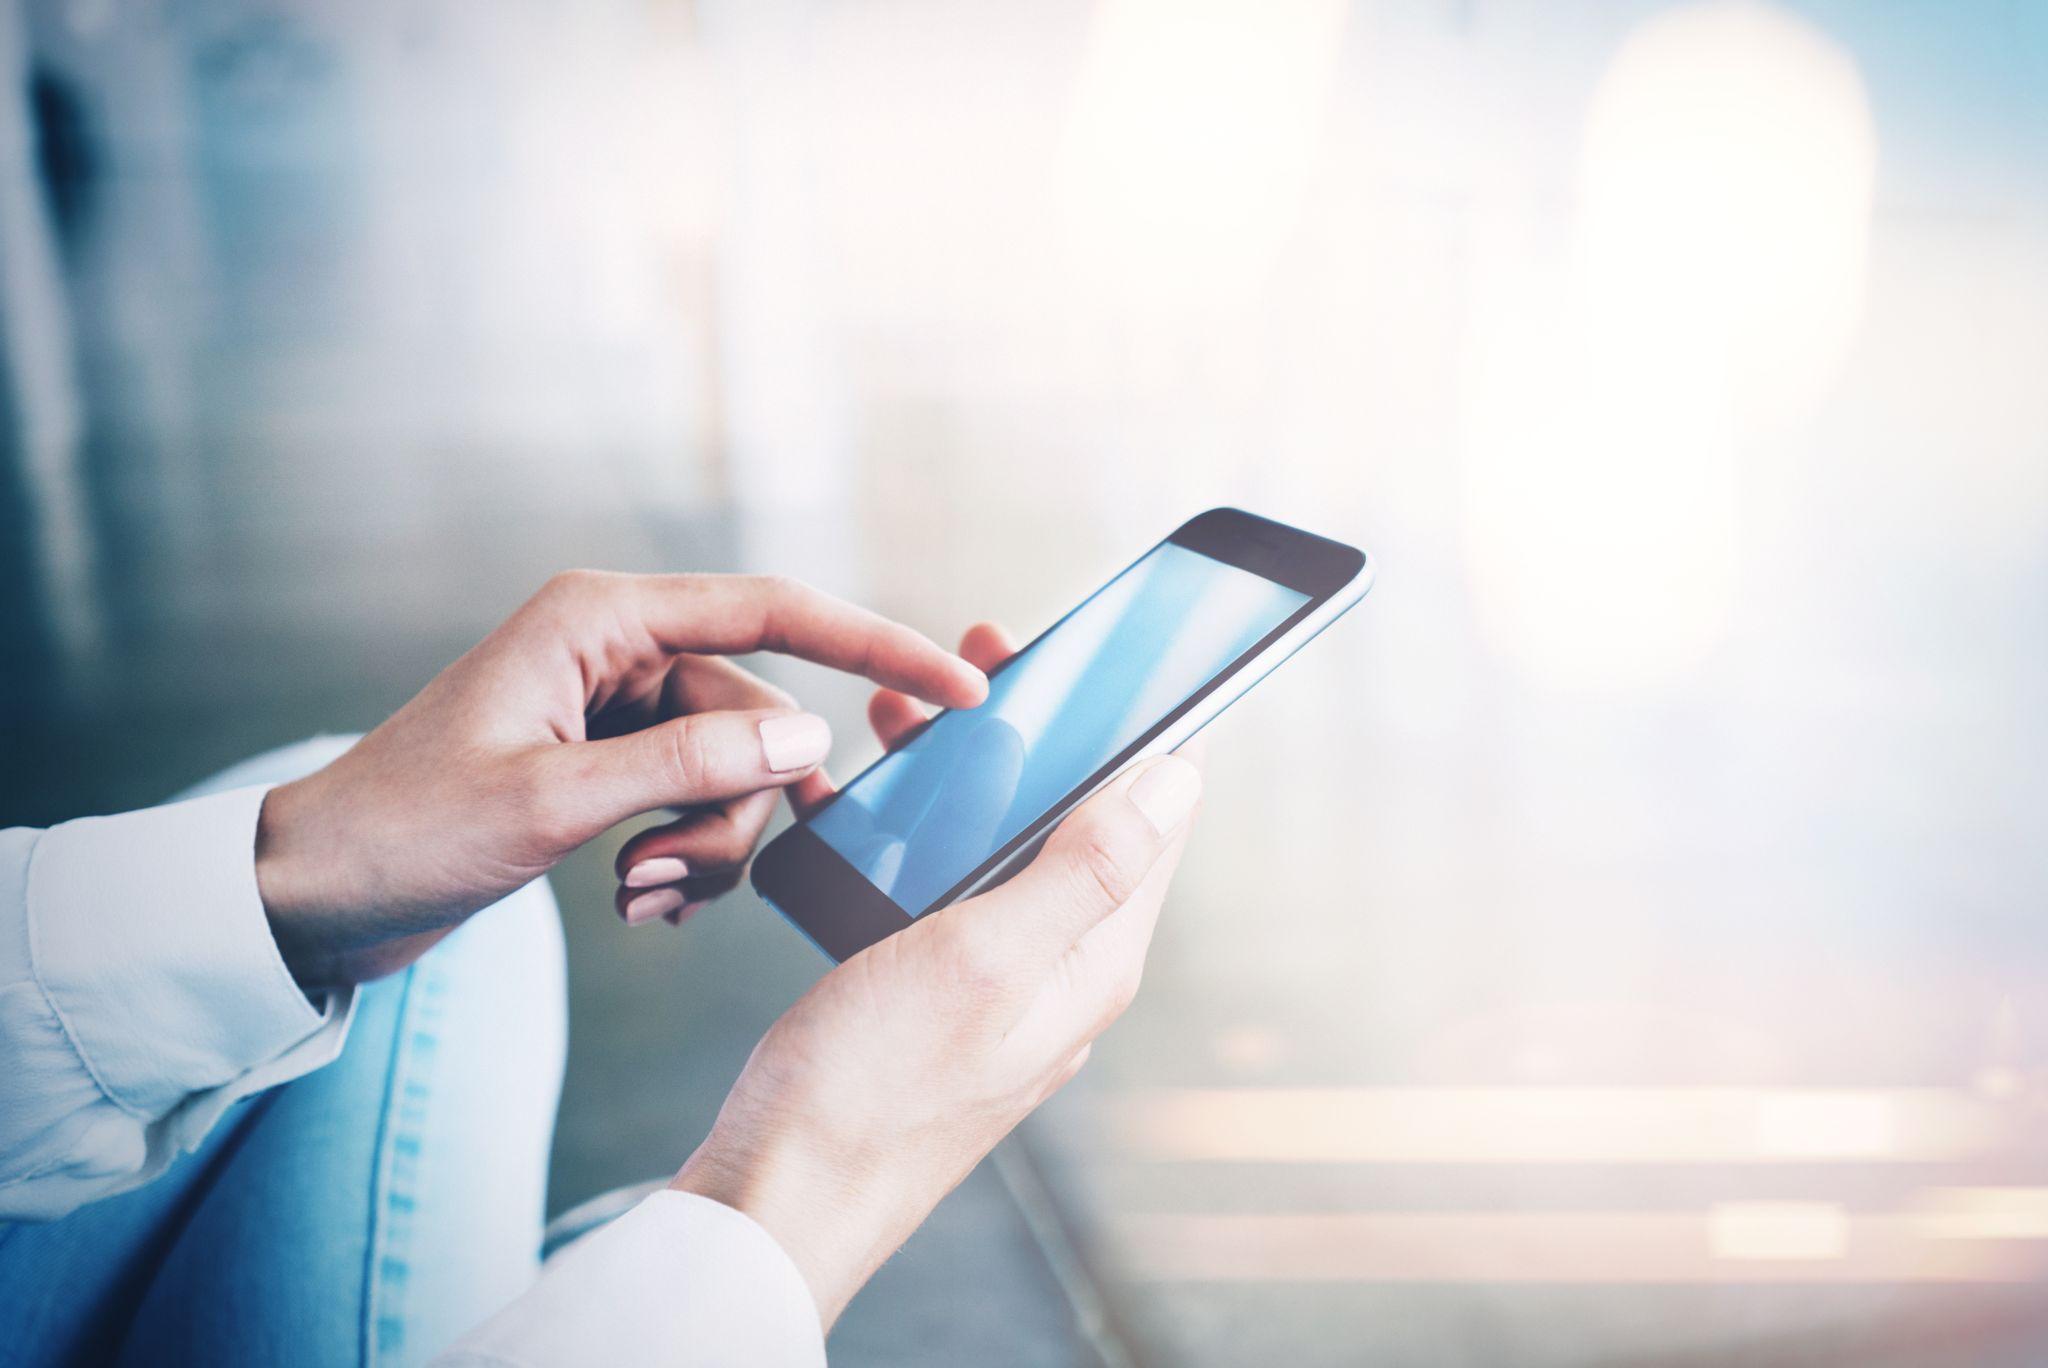 OLE TEADLIK! Mida tähendavad mobiilirakenduste pääsuõigused?